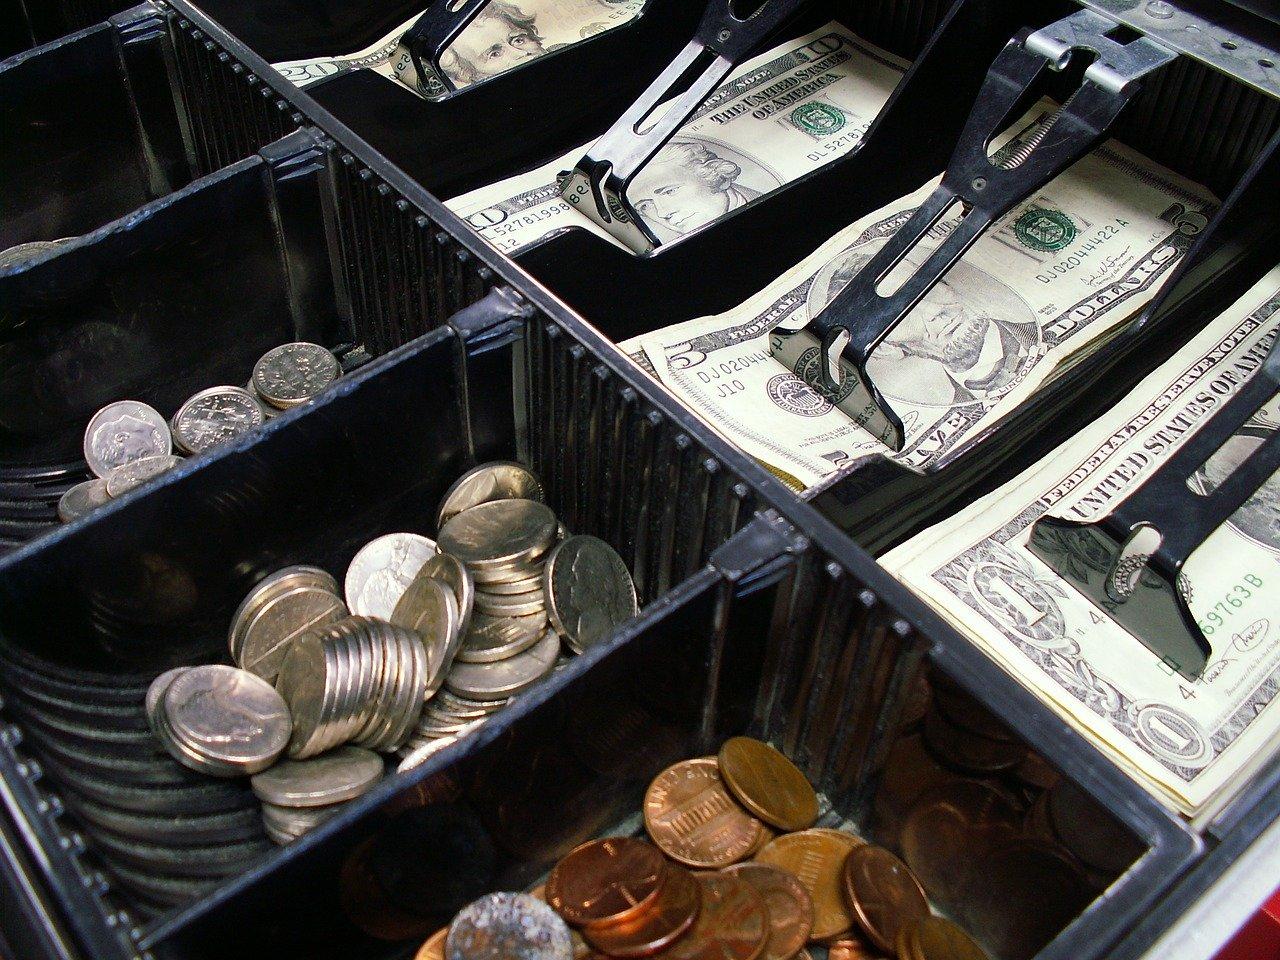 RAZBOJNIŠTVO U VELIKOJ GORICI – Kradljivac iz kase otuđio novac, odgurnuo zaposlenicu i pobjegao